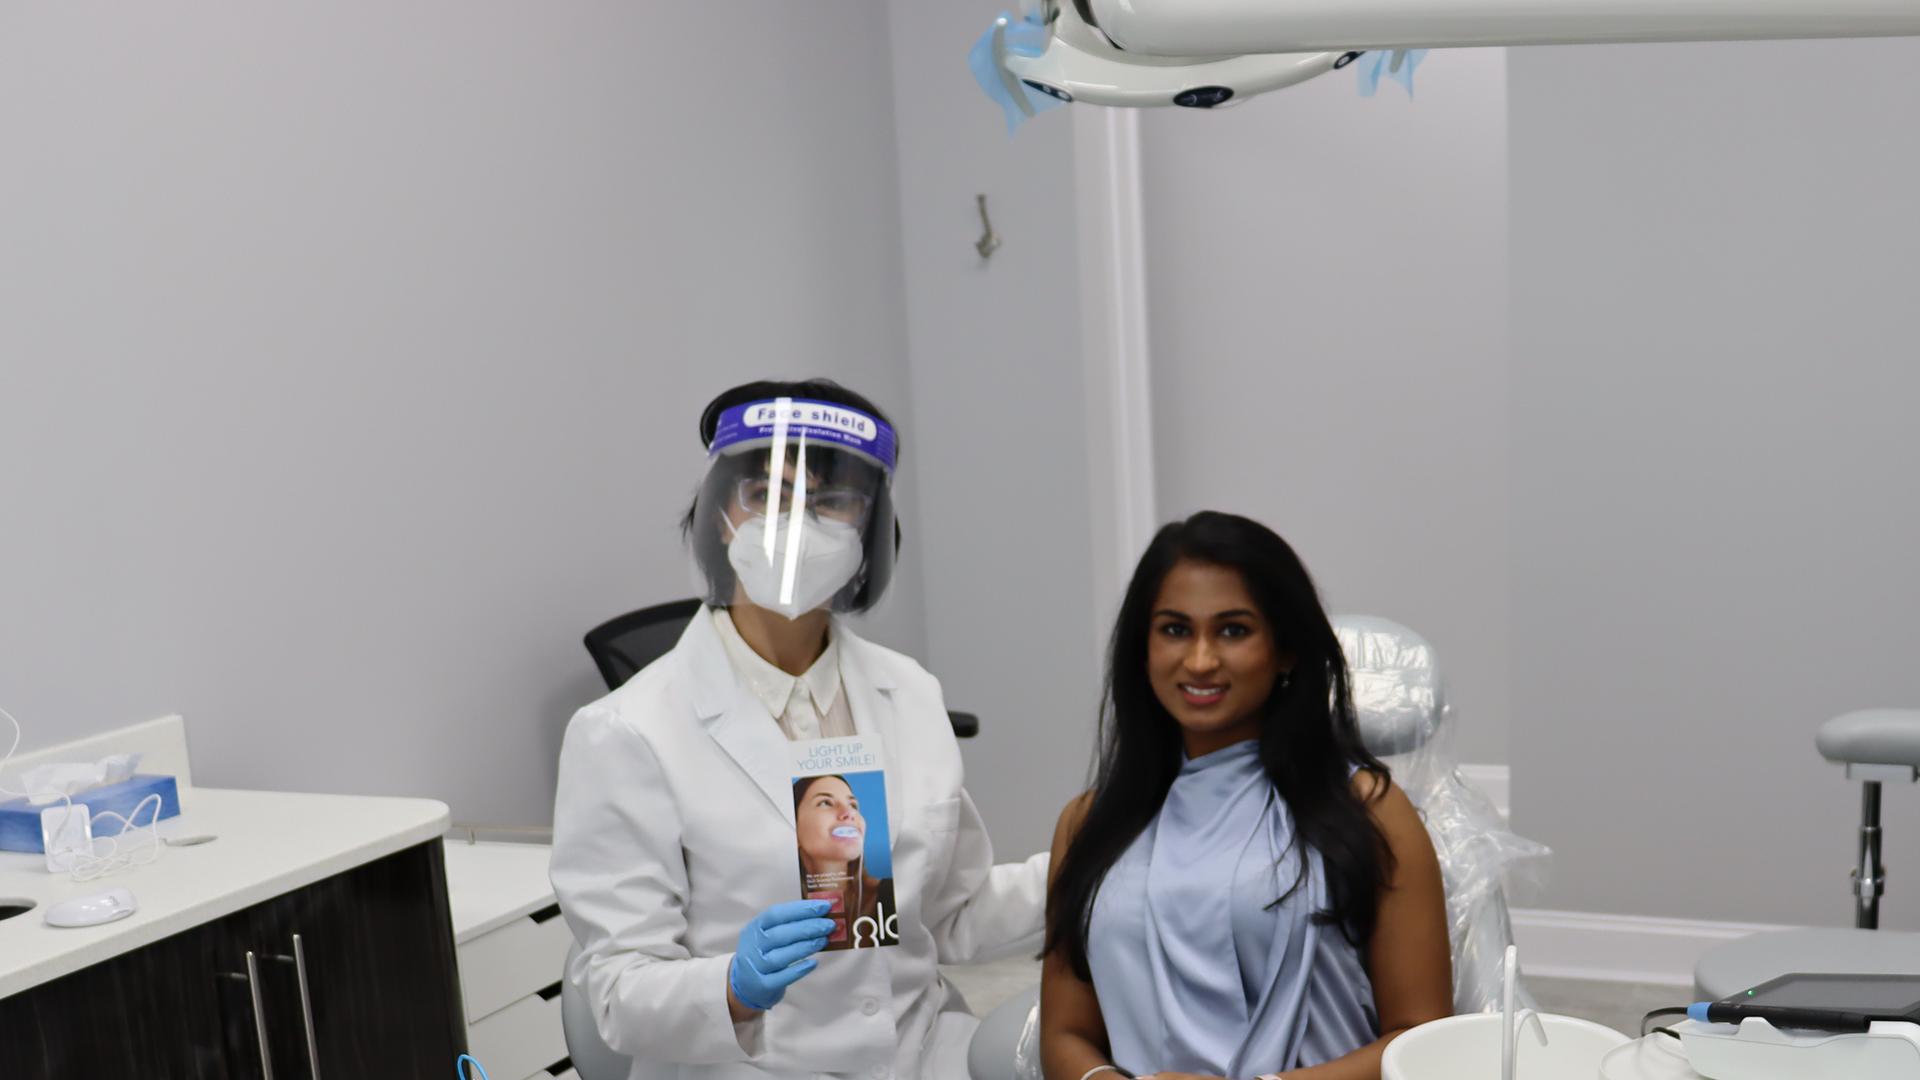 Miracle Dental